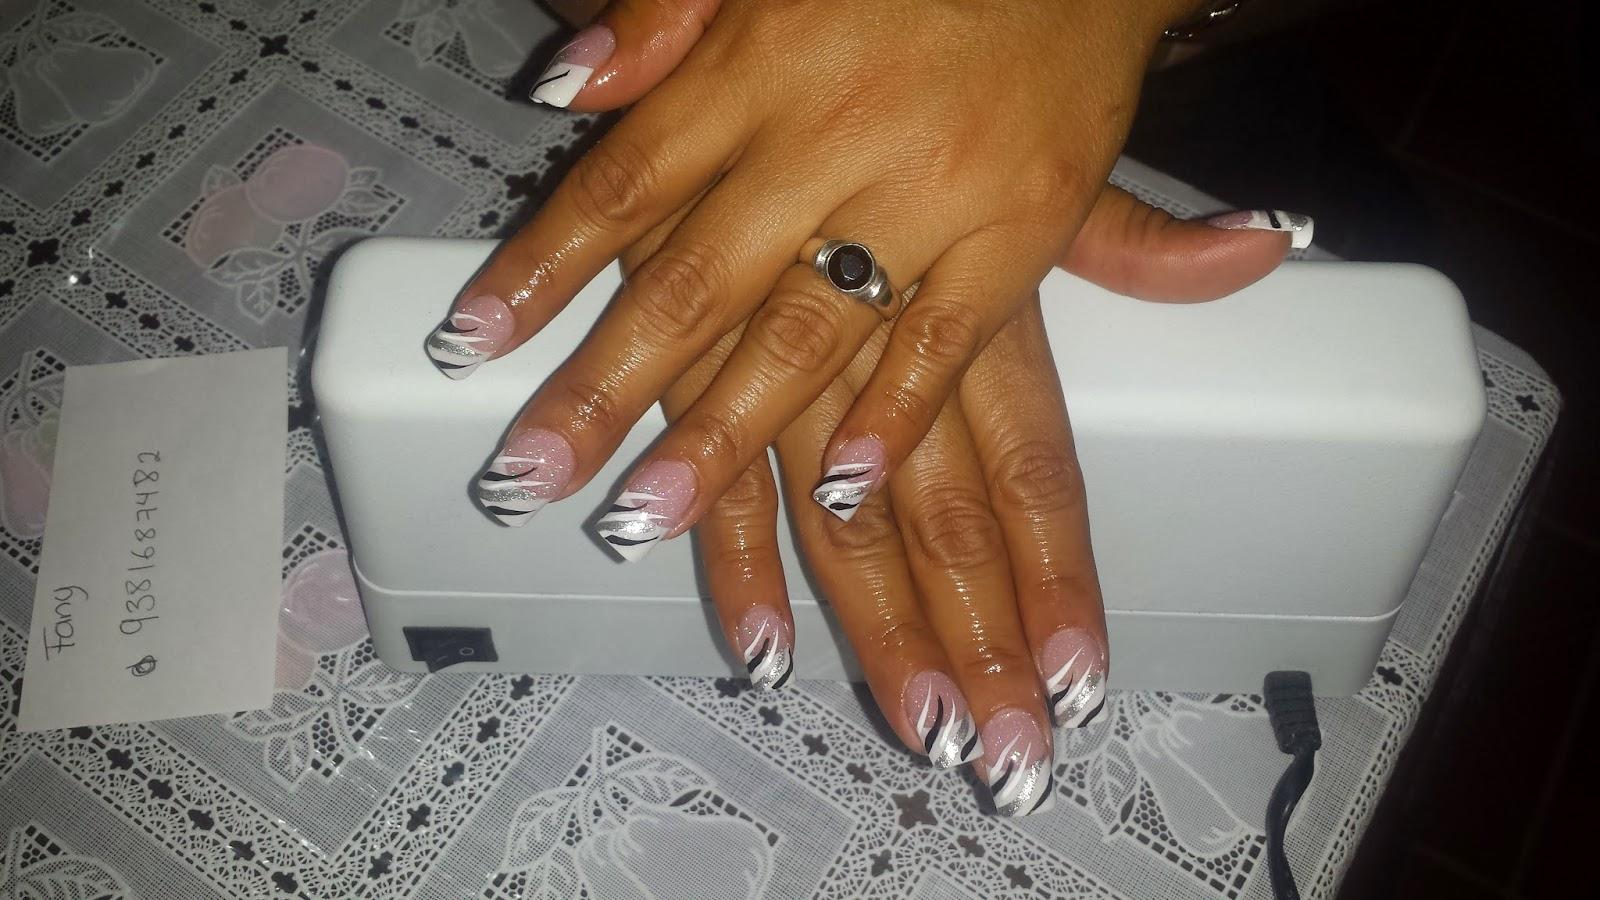 uñas de dama : estas son uñas francesas con decorado blaco con negro ...